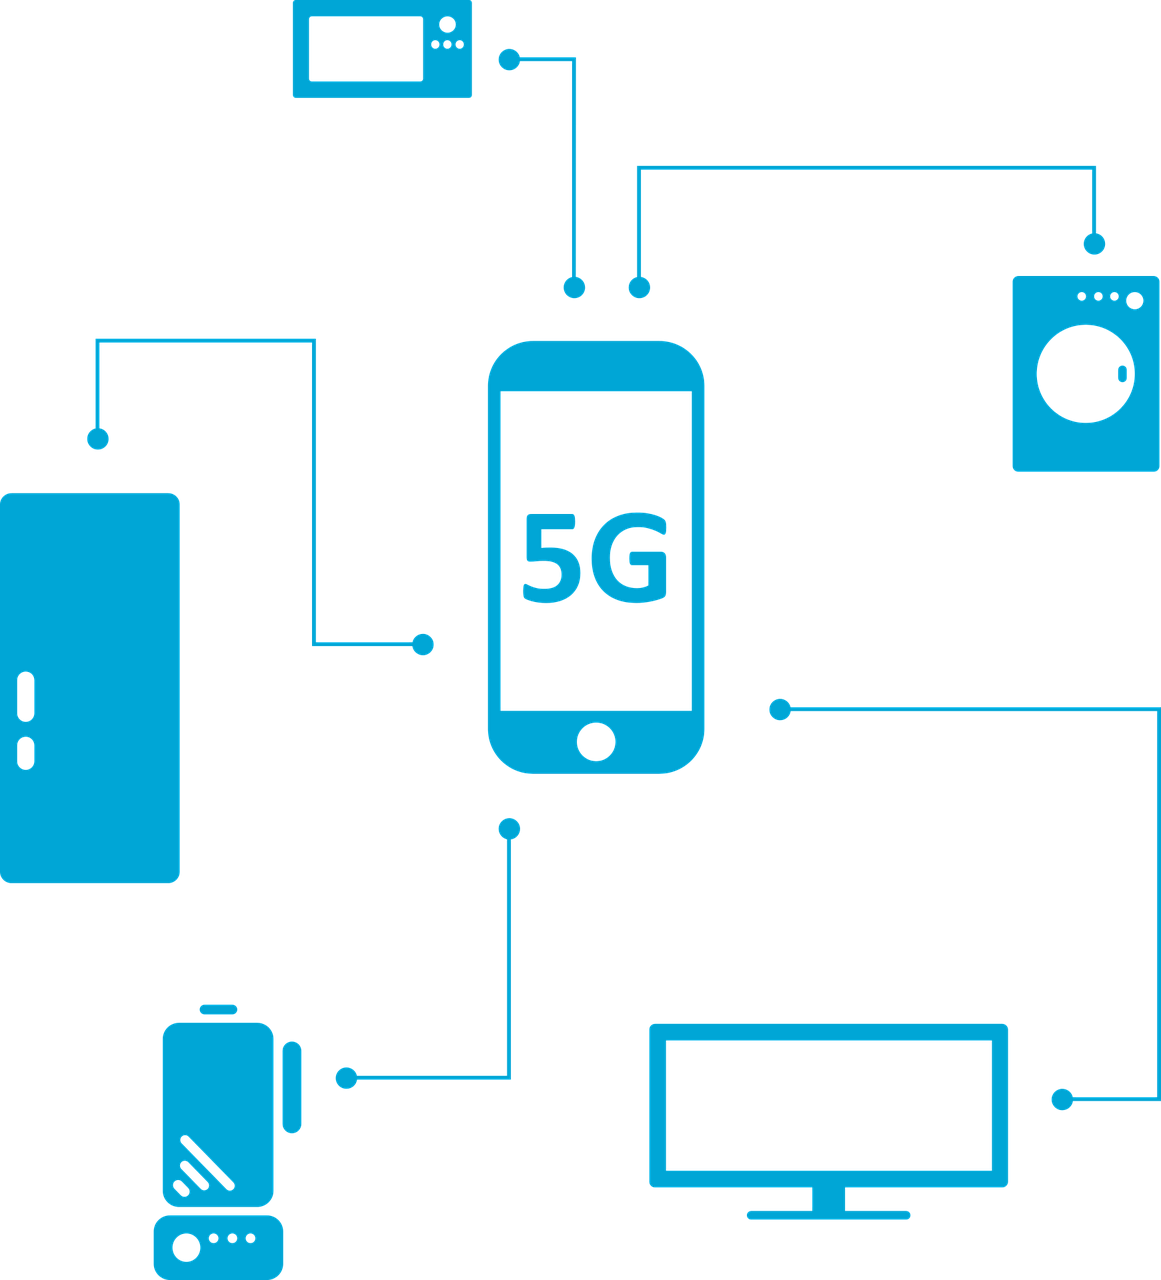 Los ingresos de las conexiones 5G IoT experimentarán un crecimiento estratosférico